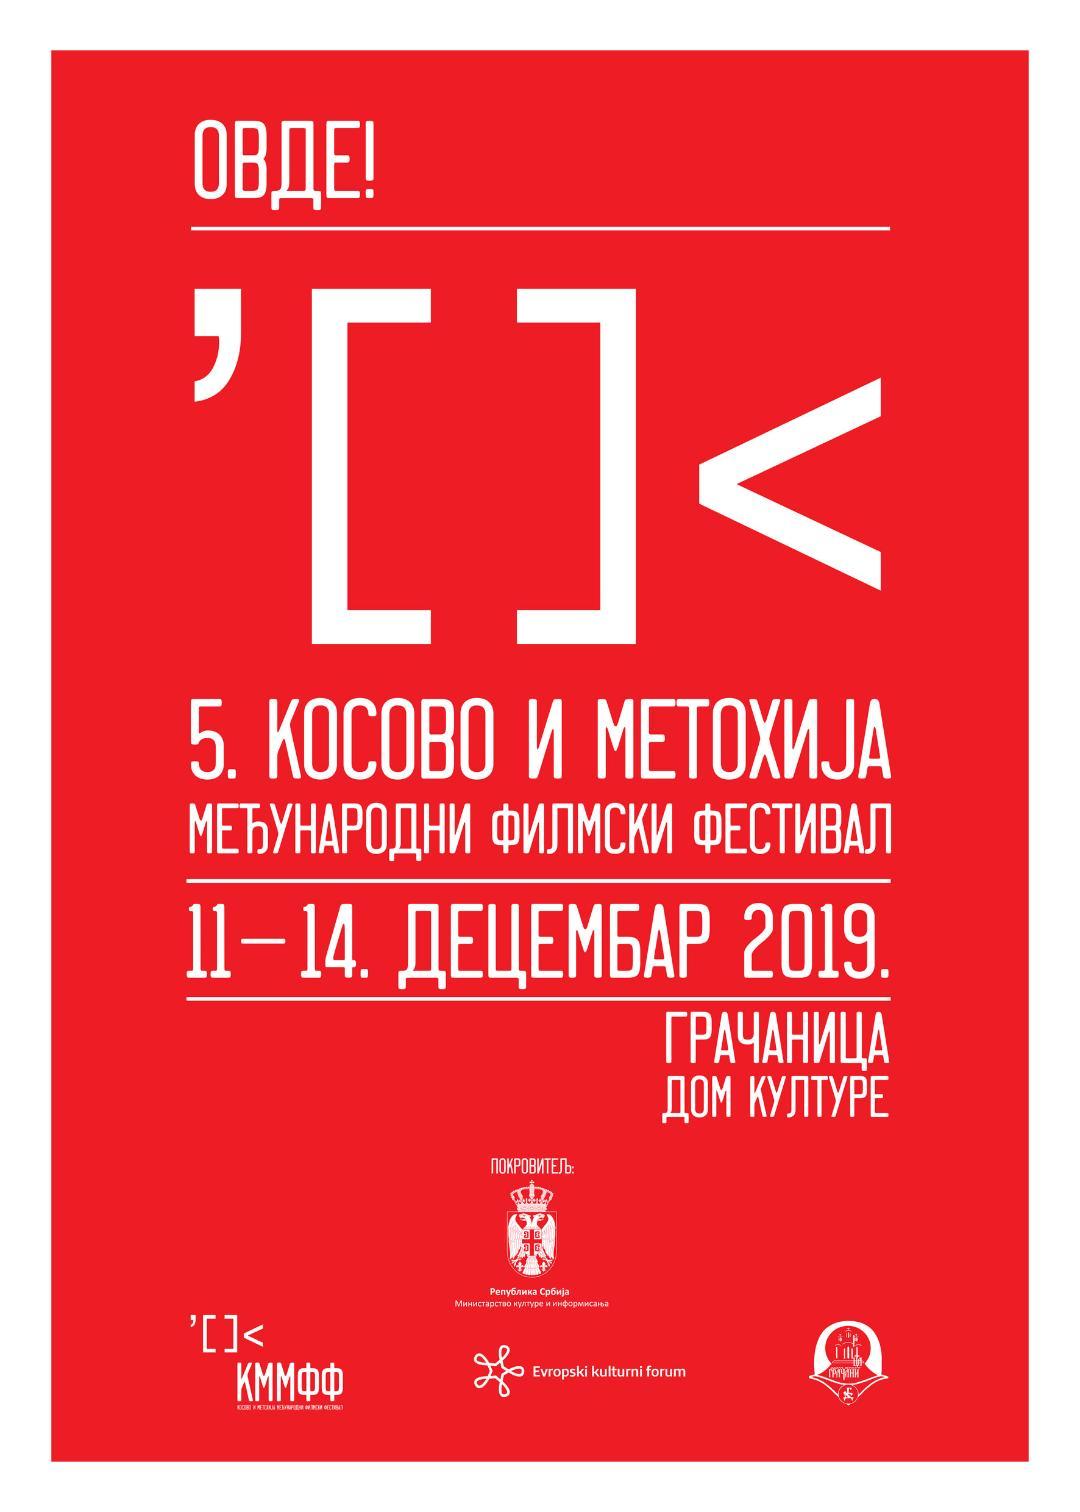 Međunarodni filmski festival po peti put u Gračanici